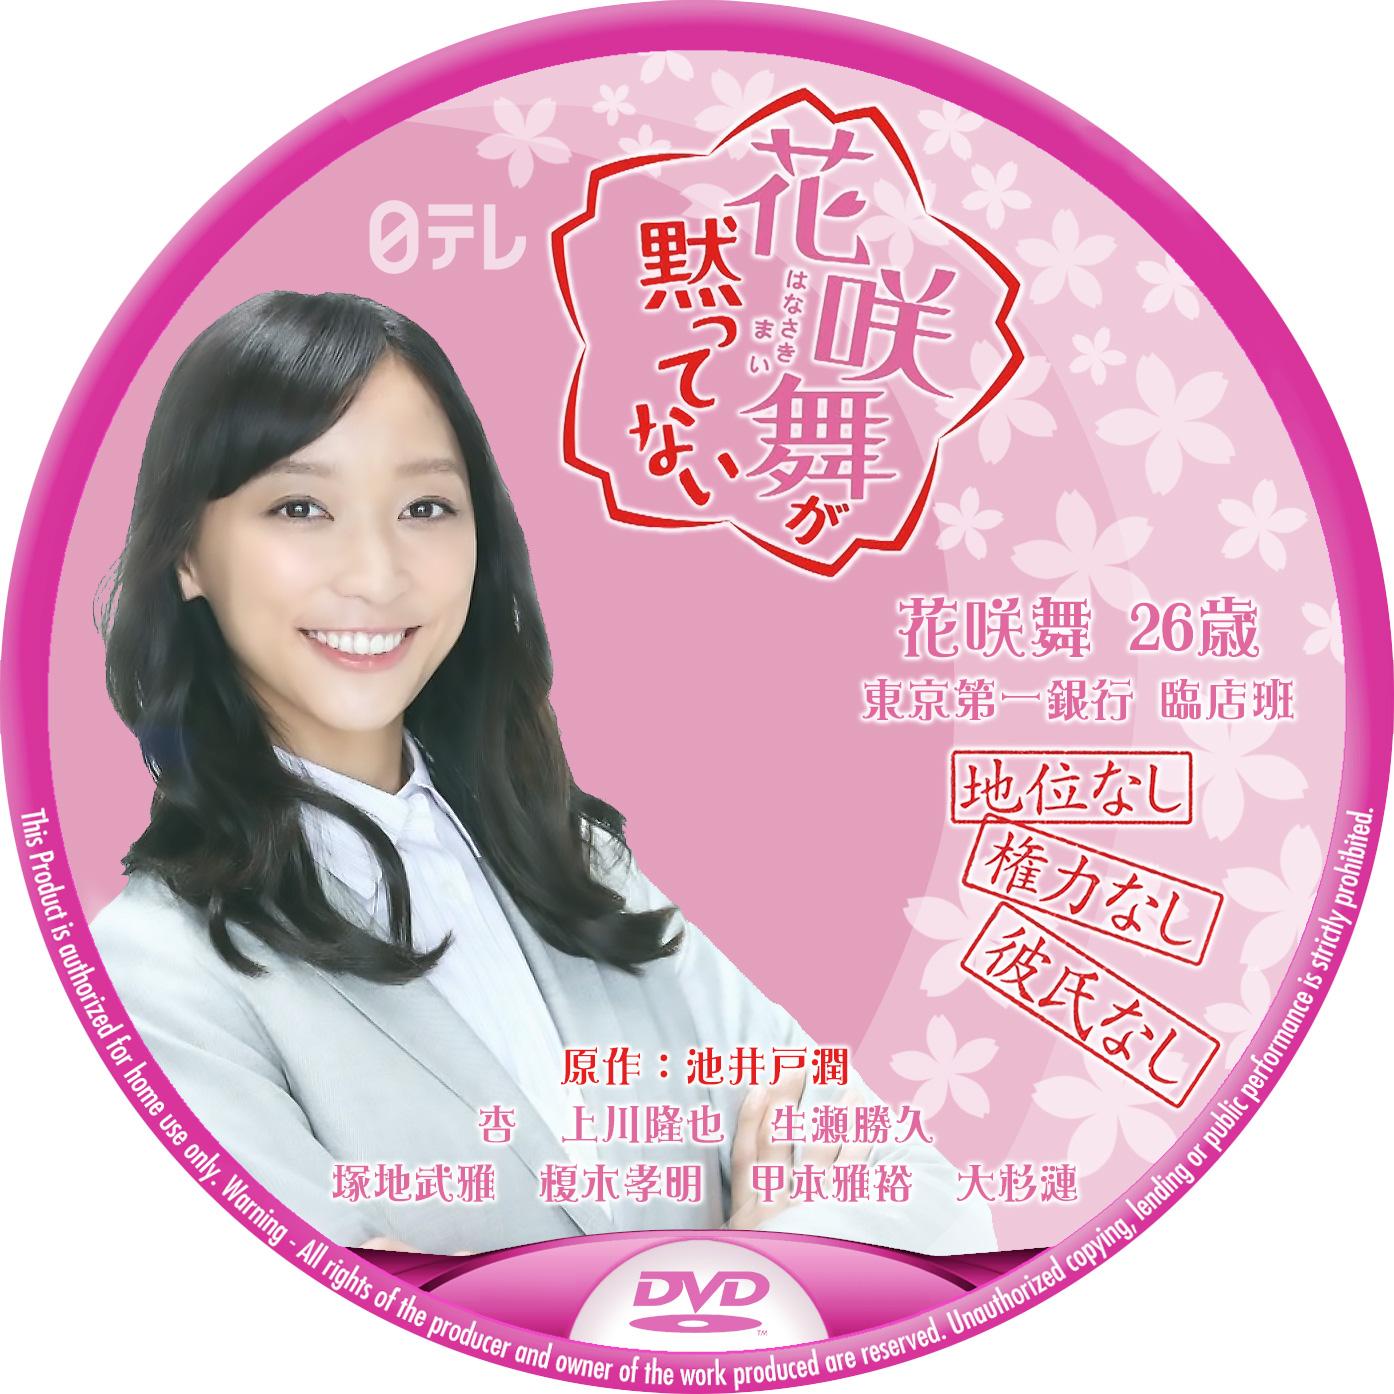 花咲舞が黙っていない DVDラベル